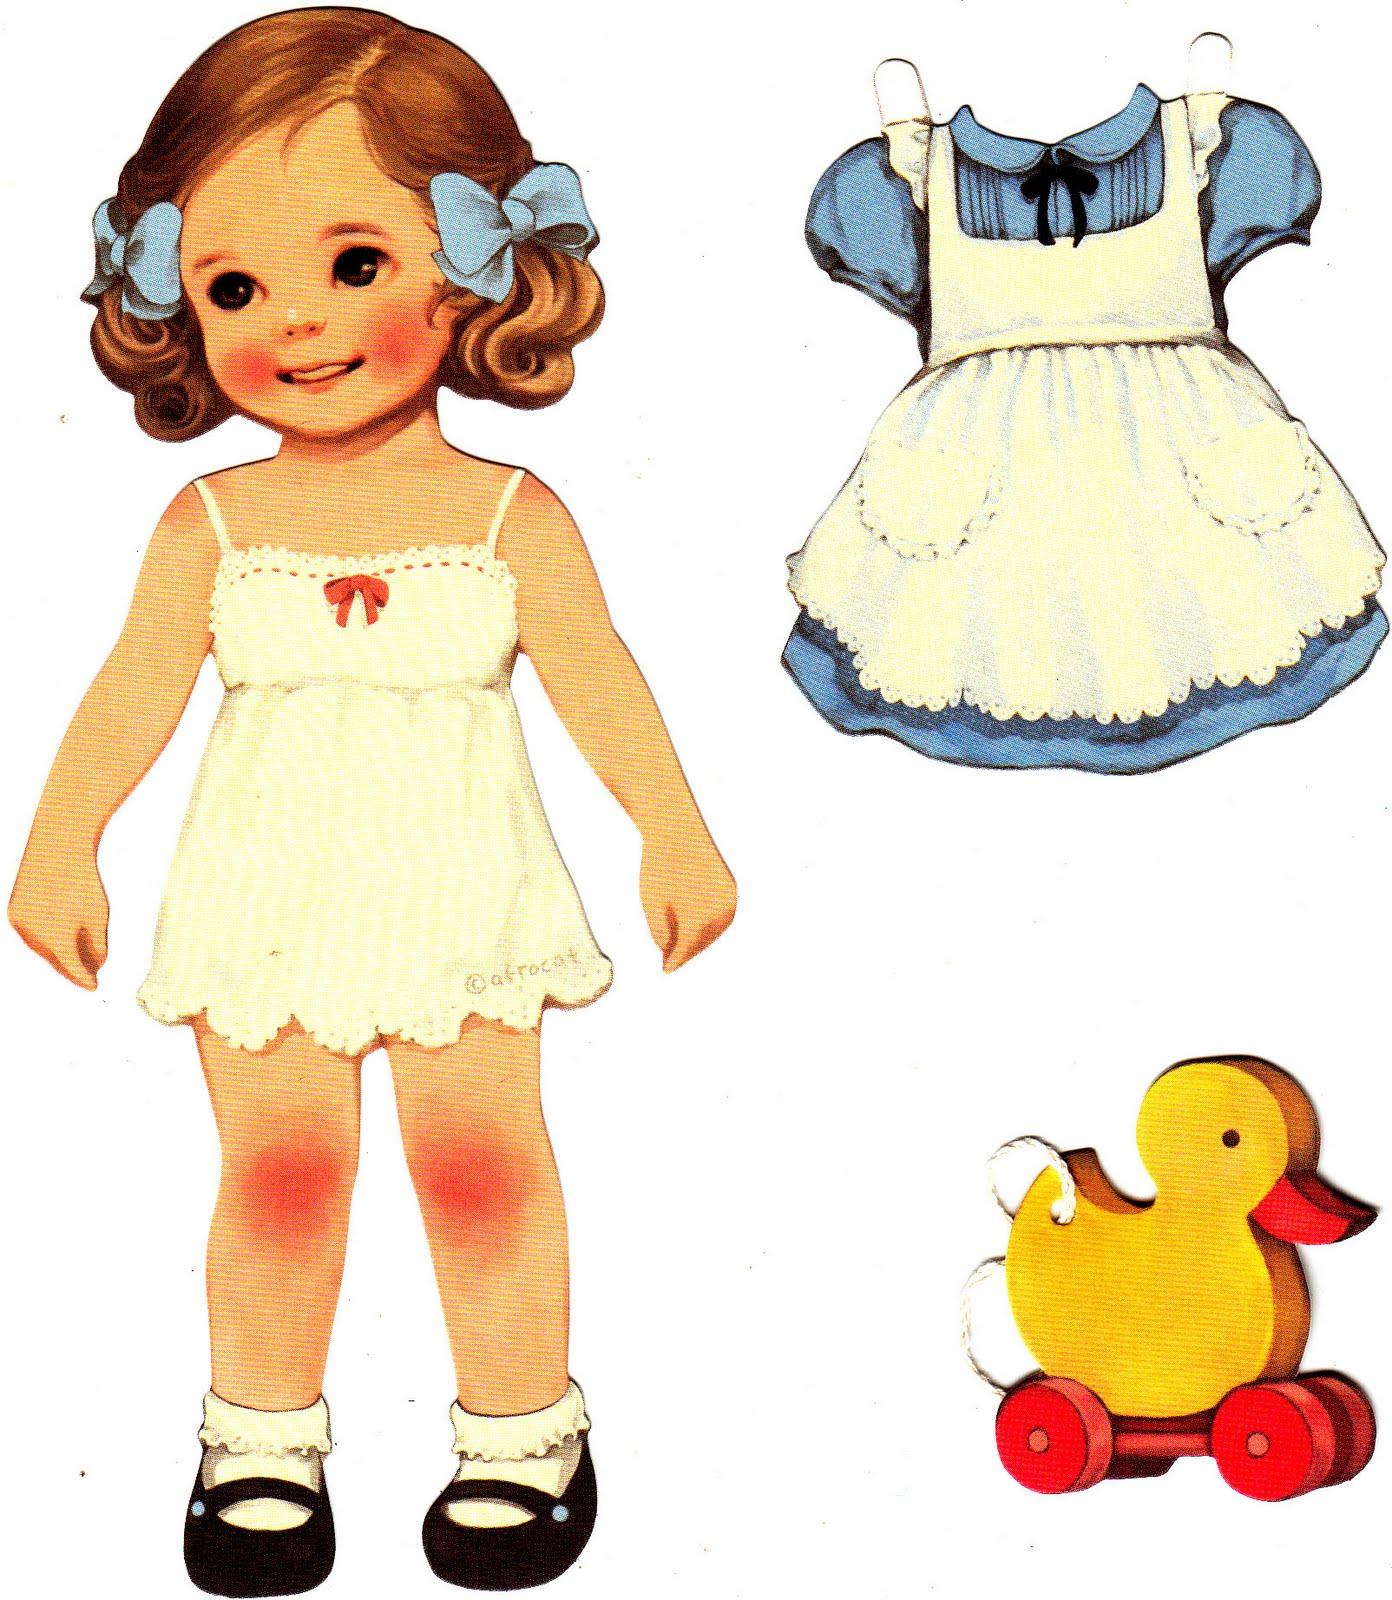 http://1.bp.blogspot.com/-_2qFHh9pPIw/TgY5eOHEmWI/AAAAAAAAUhw/F-KJzTESeds/s1600/Paper+Doll+Mate_0010.jpg